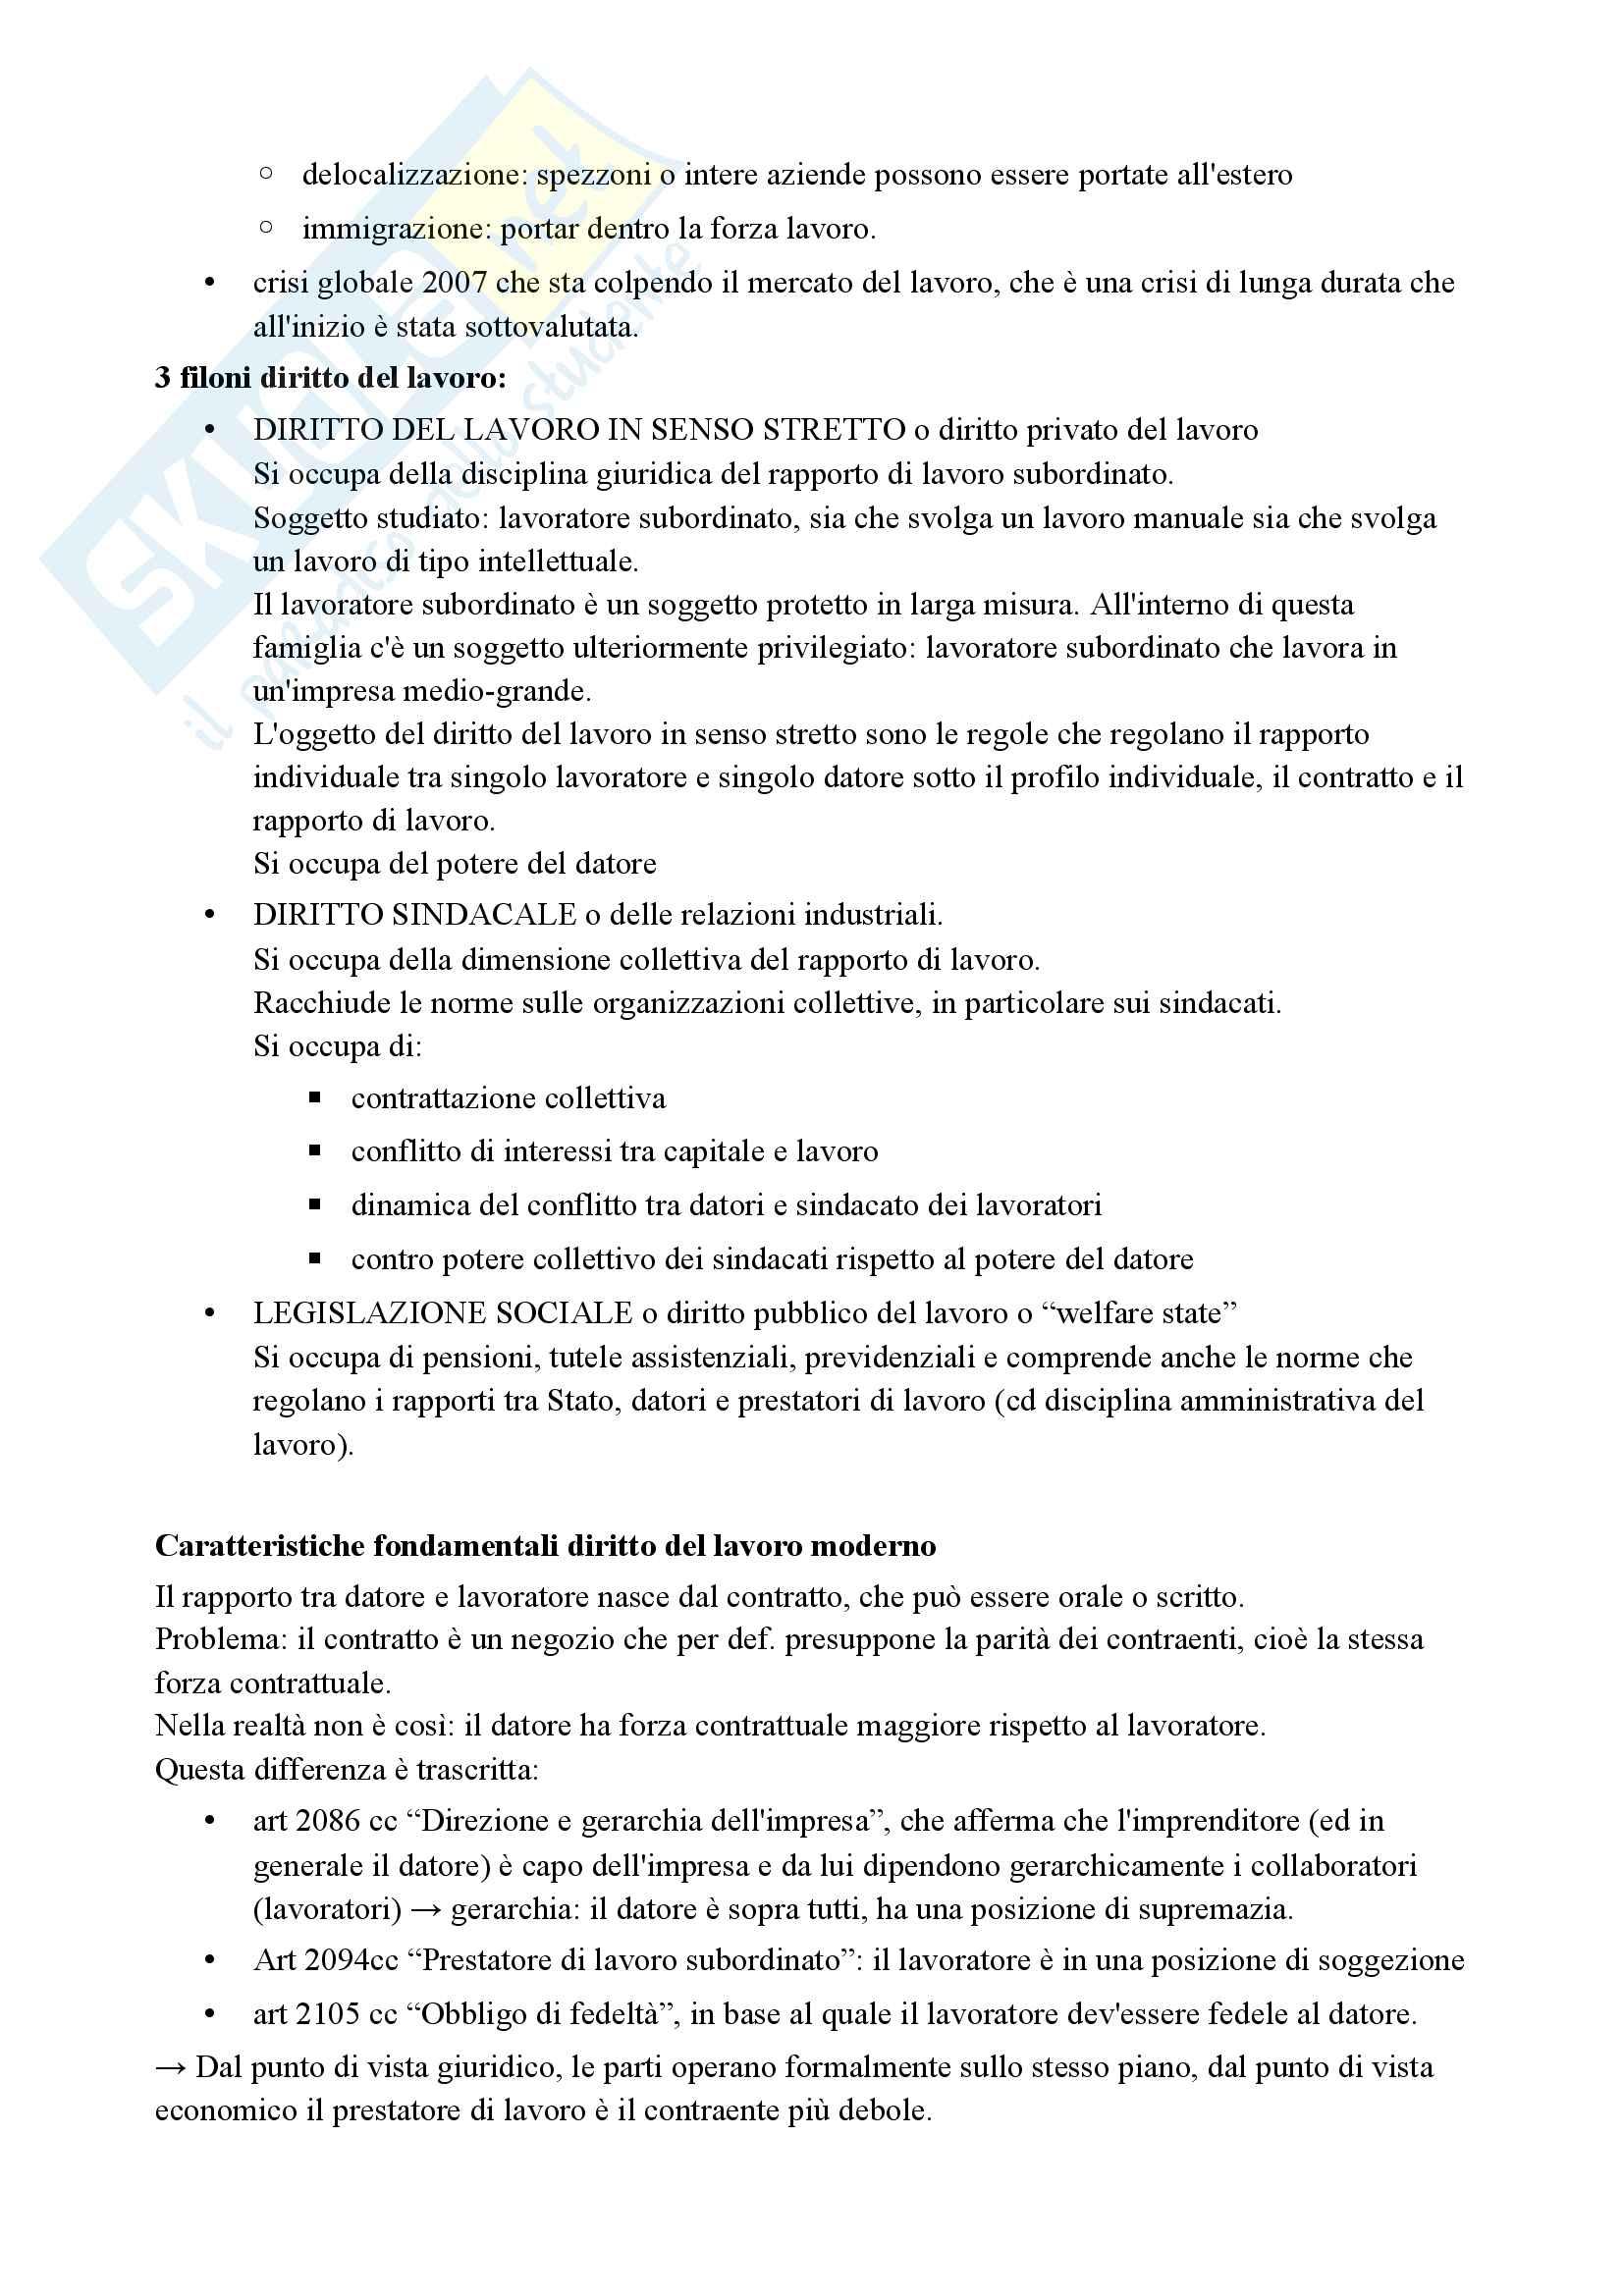 Diritto del lavoro (economia) Pag. 2